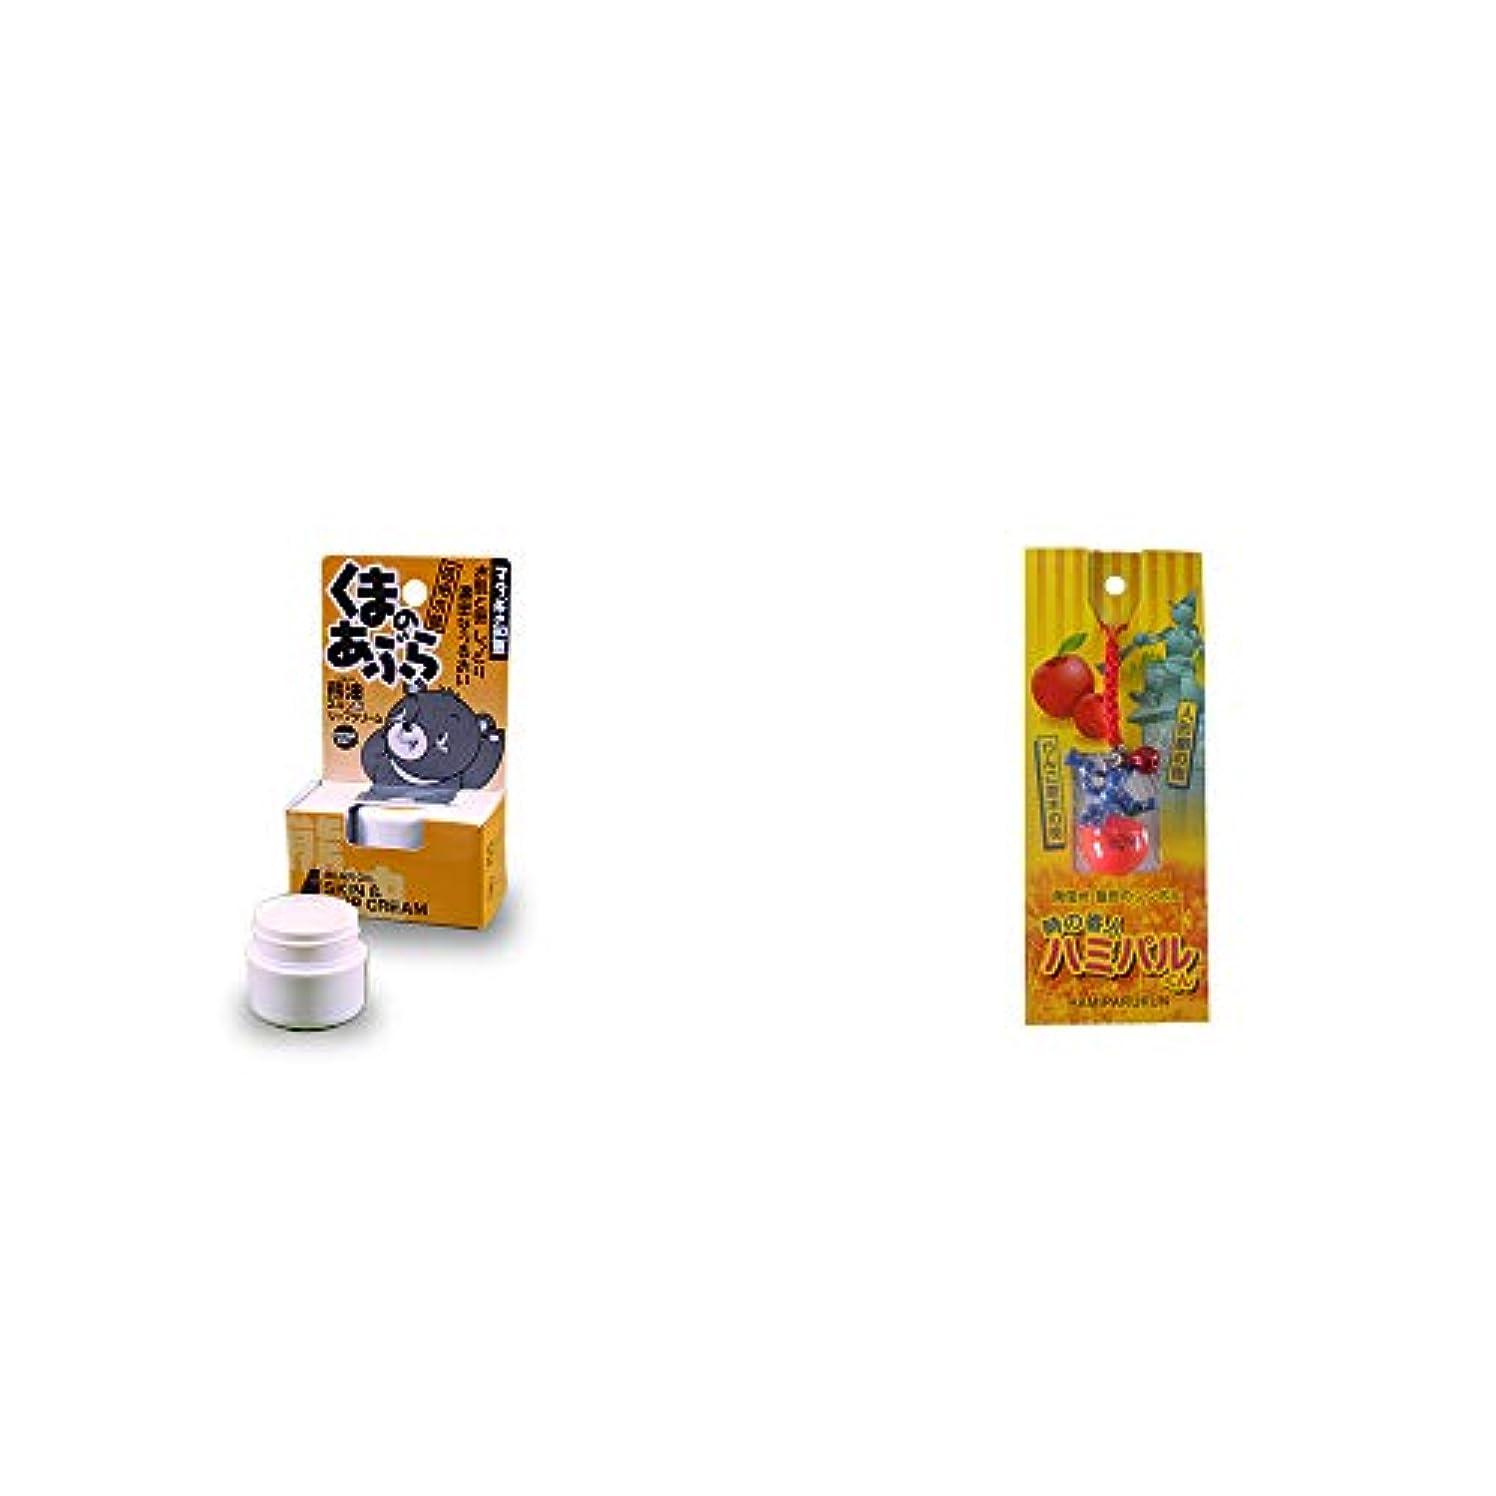 タブレット違反バーガー[2点セット] 信州木曽 くまのあぶら 熊油スキン&リップクリーム(9g)?信州?飯田のシンボル 時の番人ハミパルくんストラップ